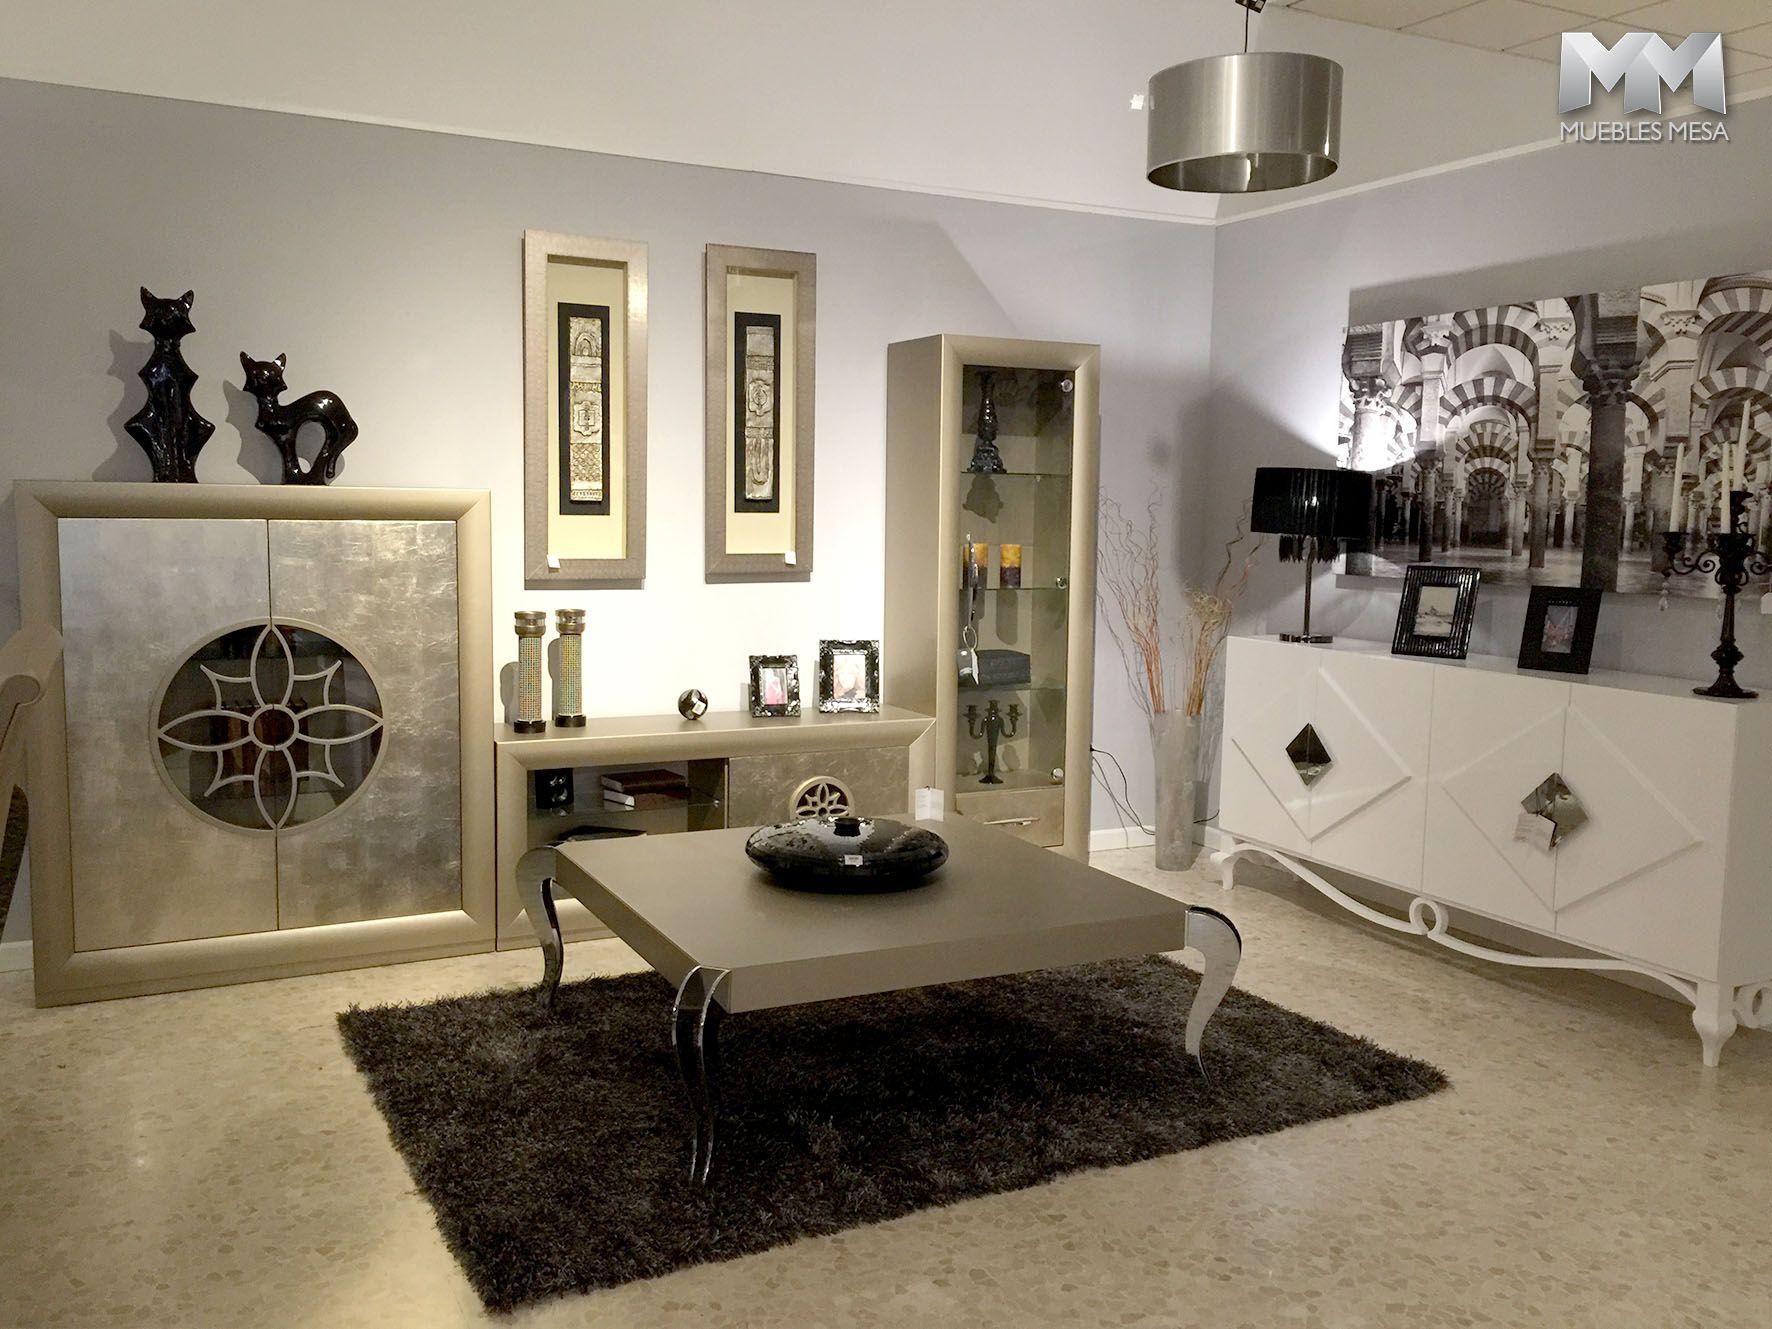 Muebles franco furniture en la exposici n de muebles mesa for Muebles de lucena